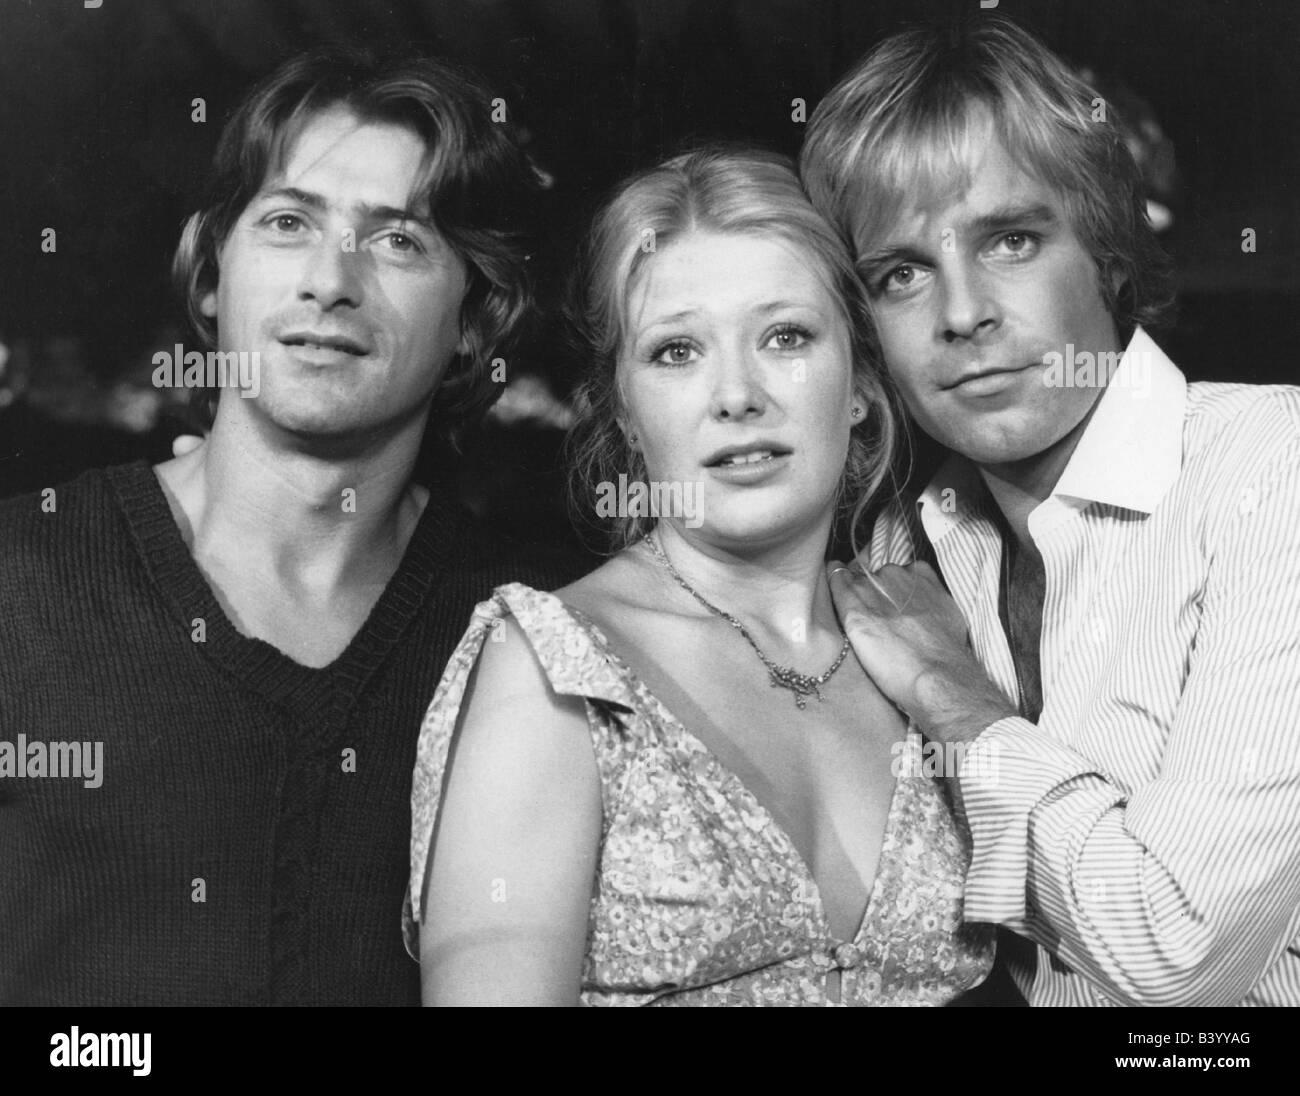 Fritsch, Thomas, * 16.1.1944, German actor, TV series 'Drei sind einer zuviel', with Jutta Speidel and Herbert - Stock Image